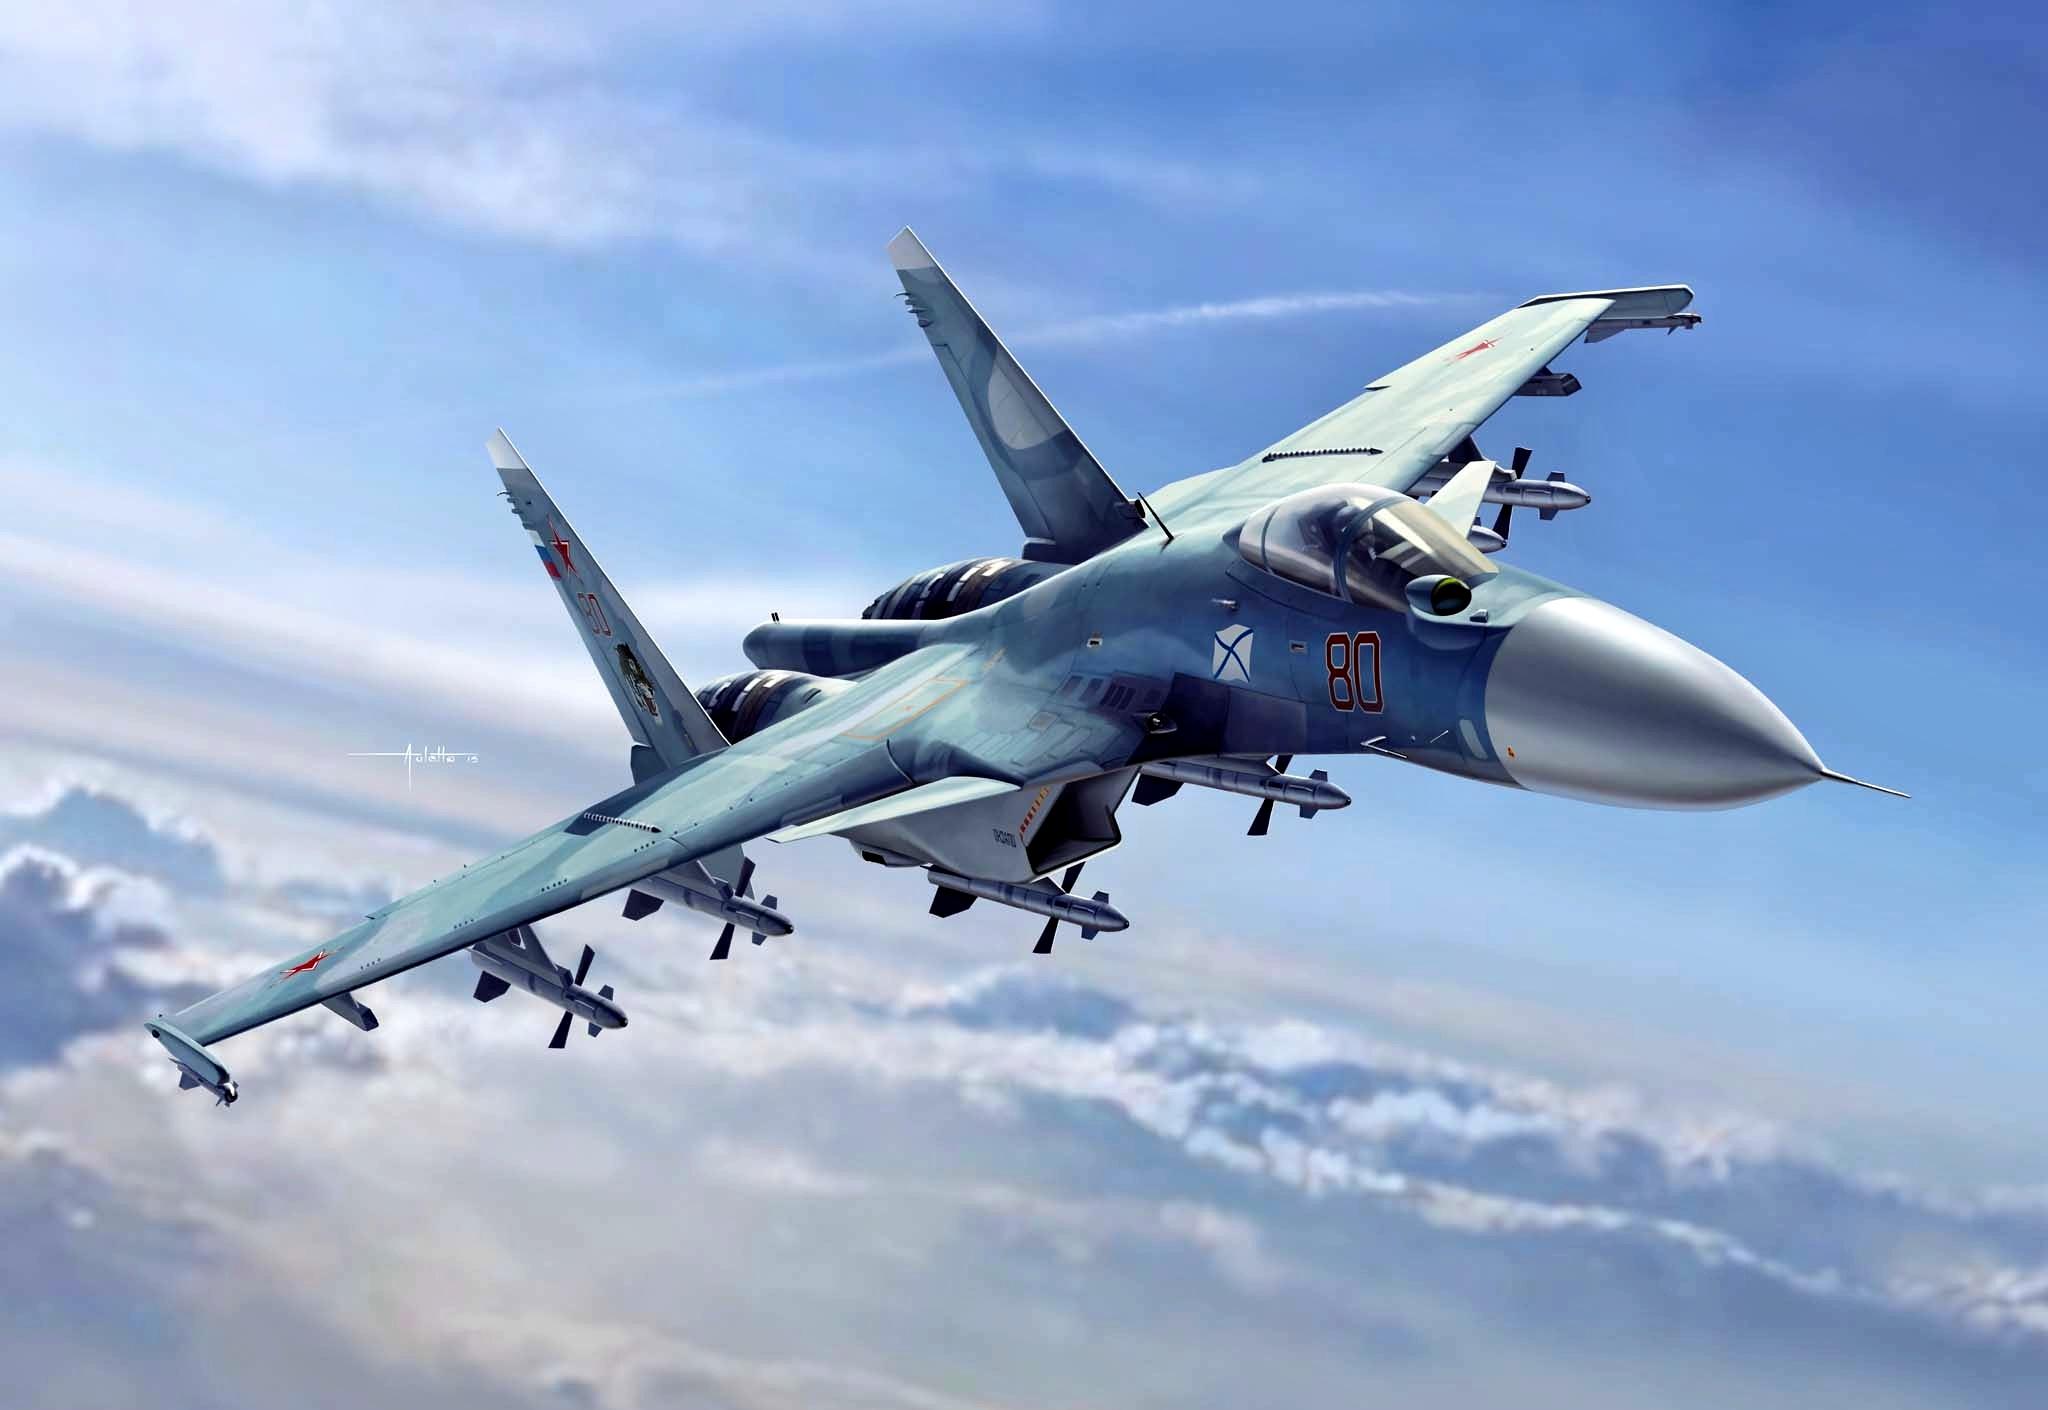 Wallpaper of Aircraft Jet Fighter Sukhoi Su 33 Warplane 2048x1410